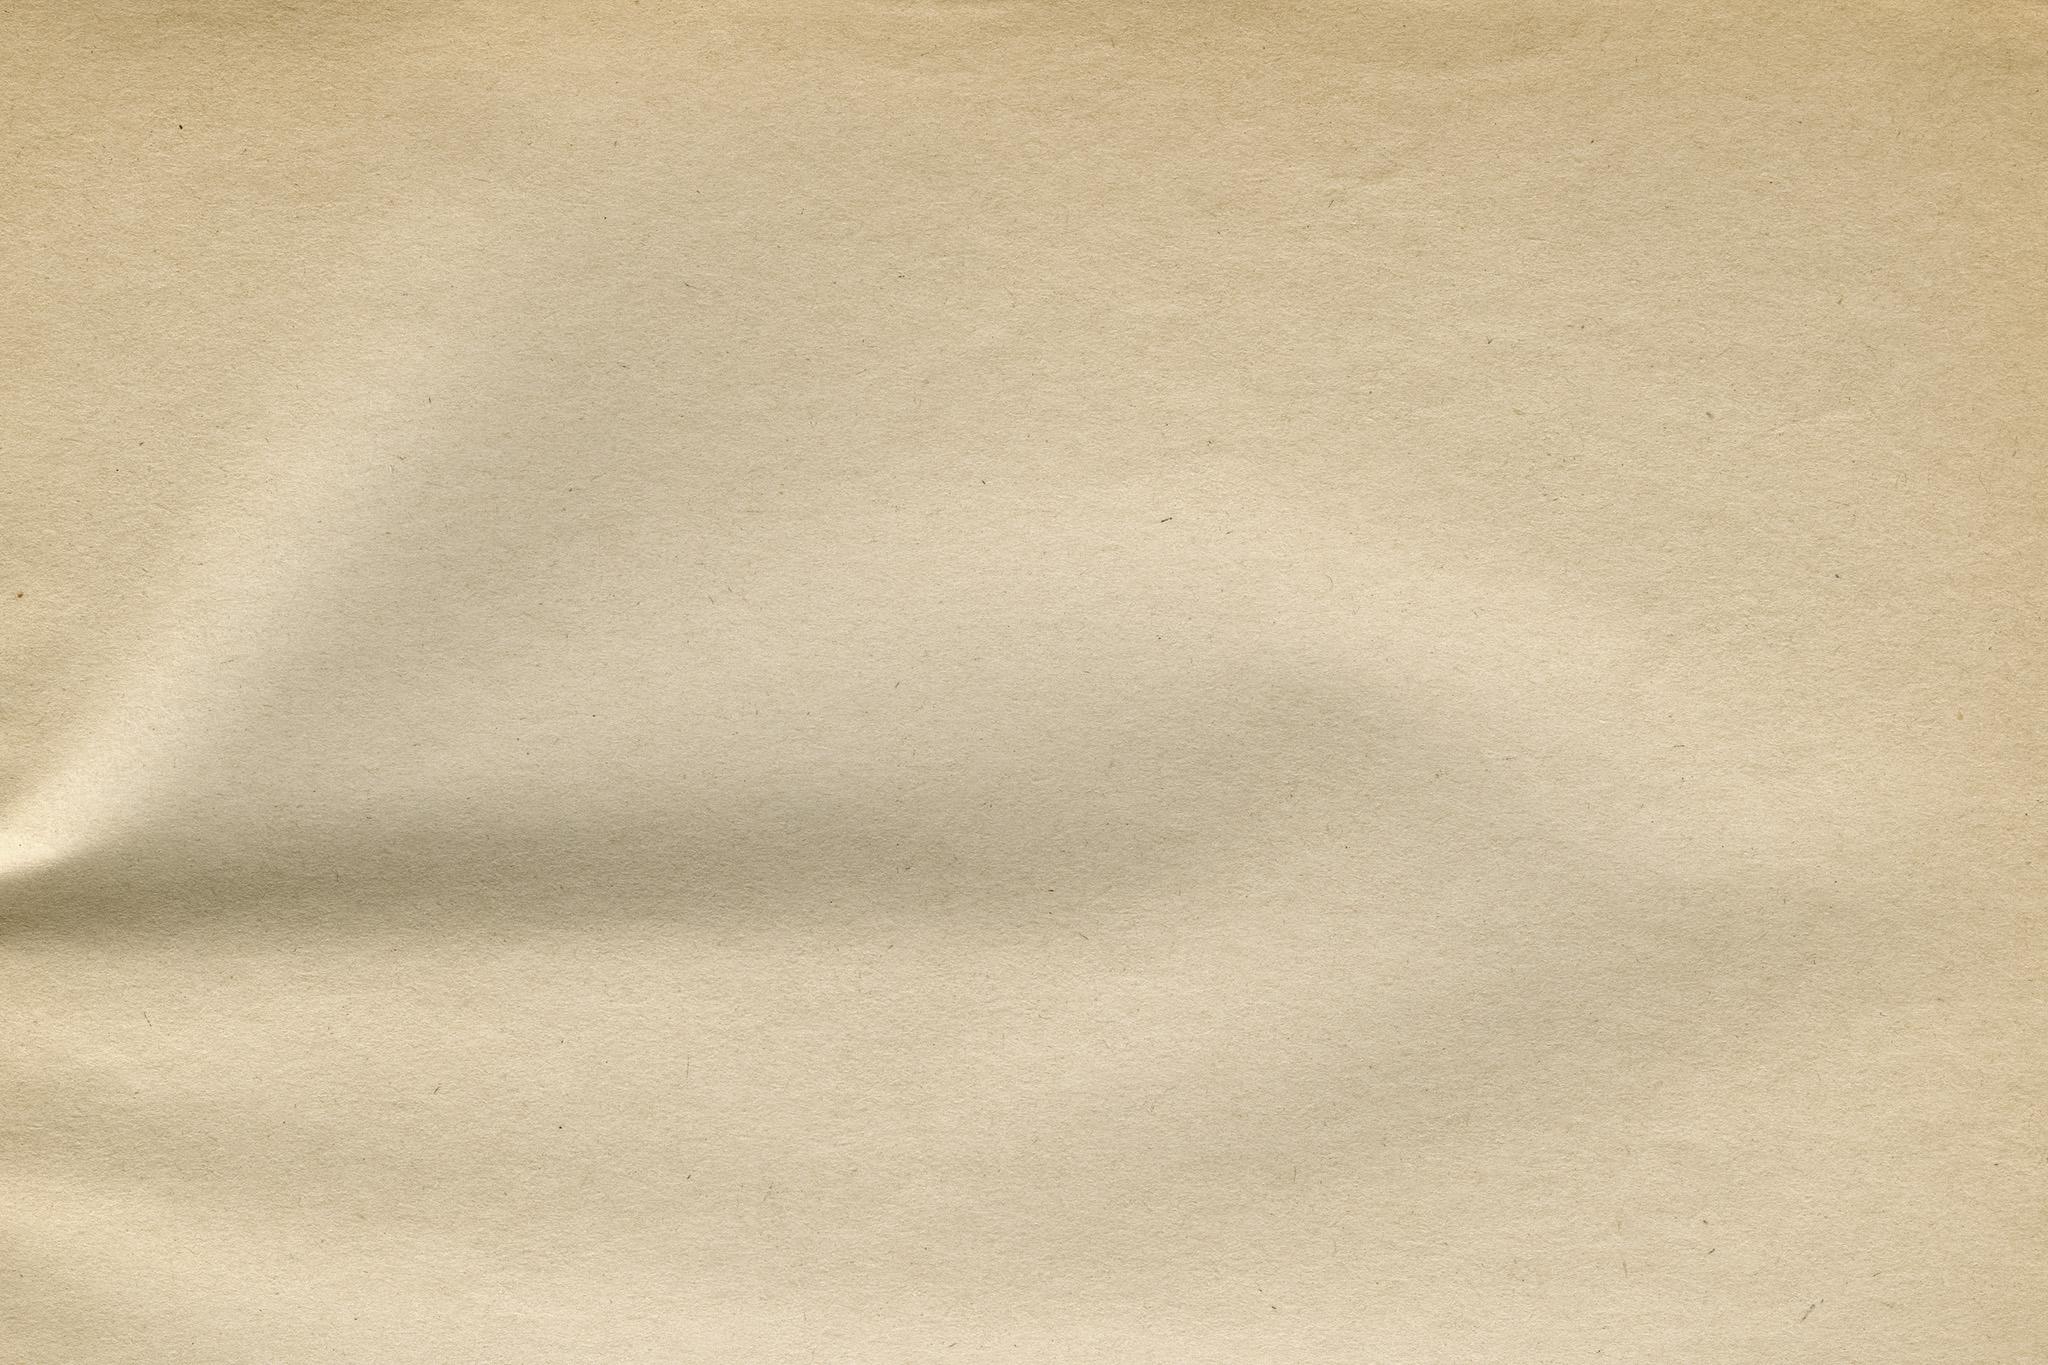 「シワのある古紙のテクスチャ」